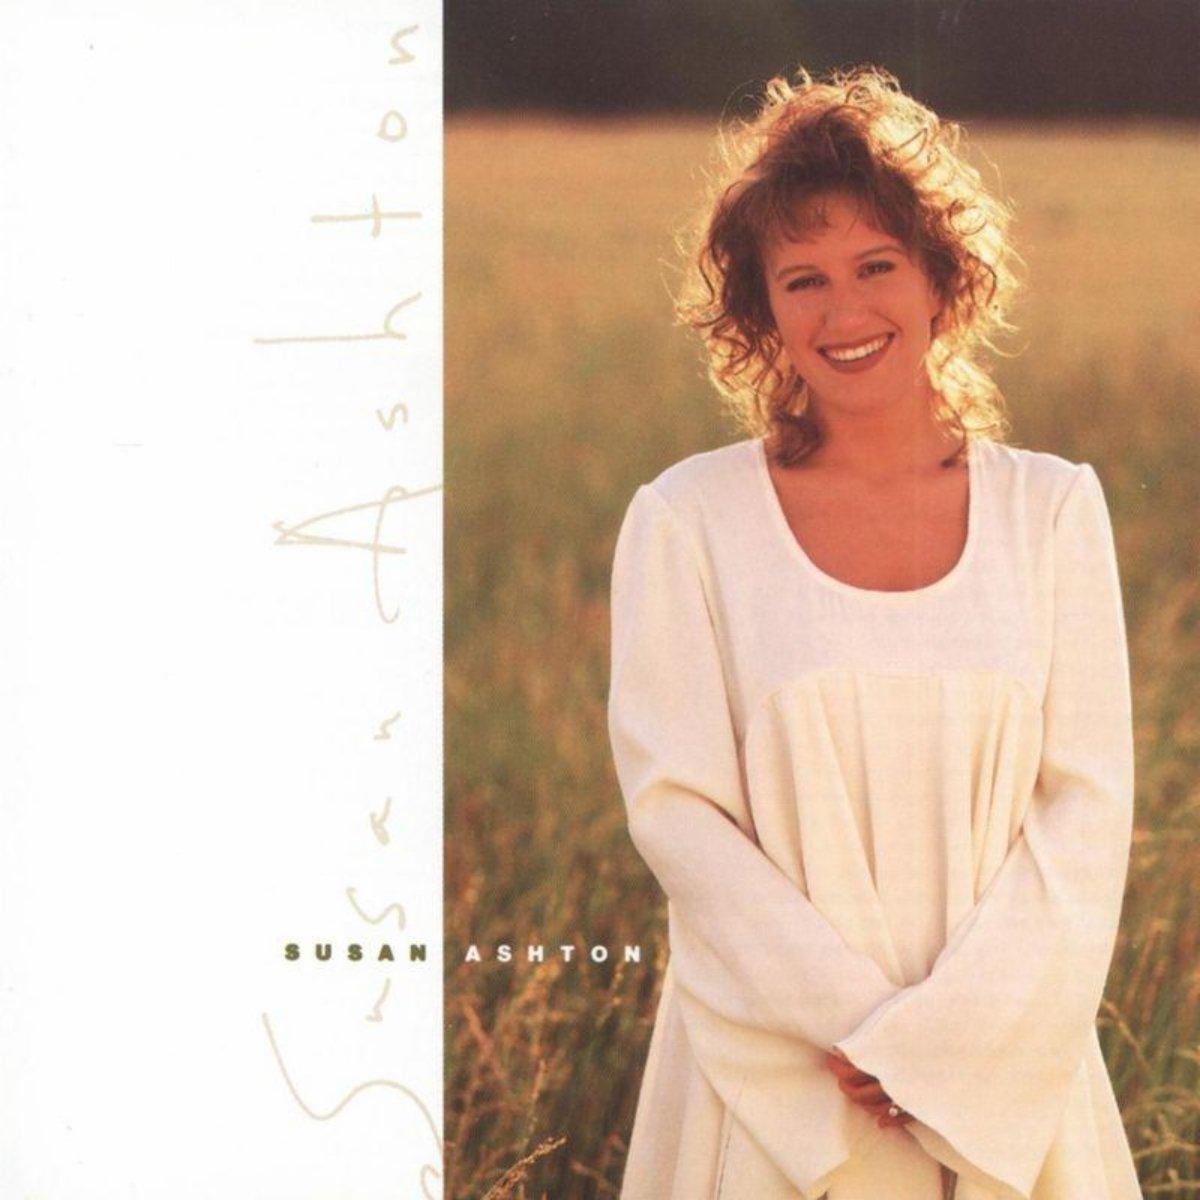 Susan Ashton – Susan Ashton (1993) [FLAC]